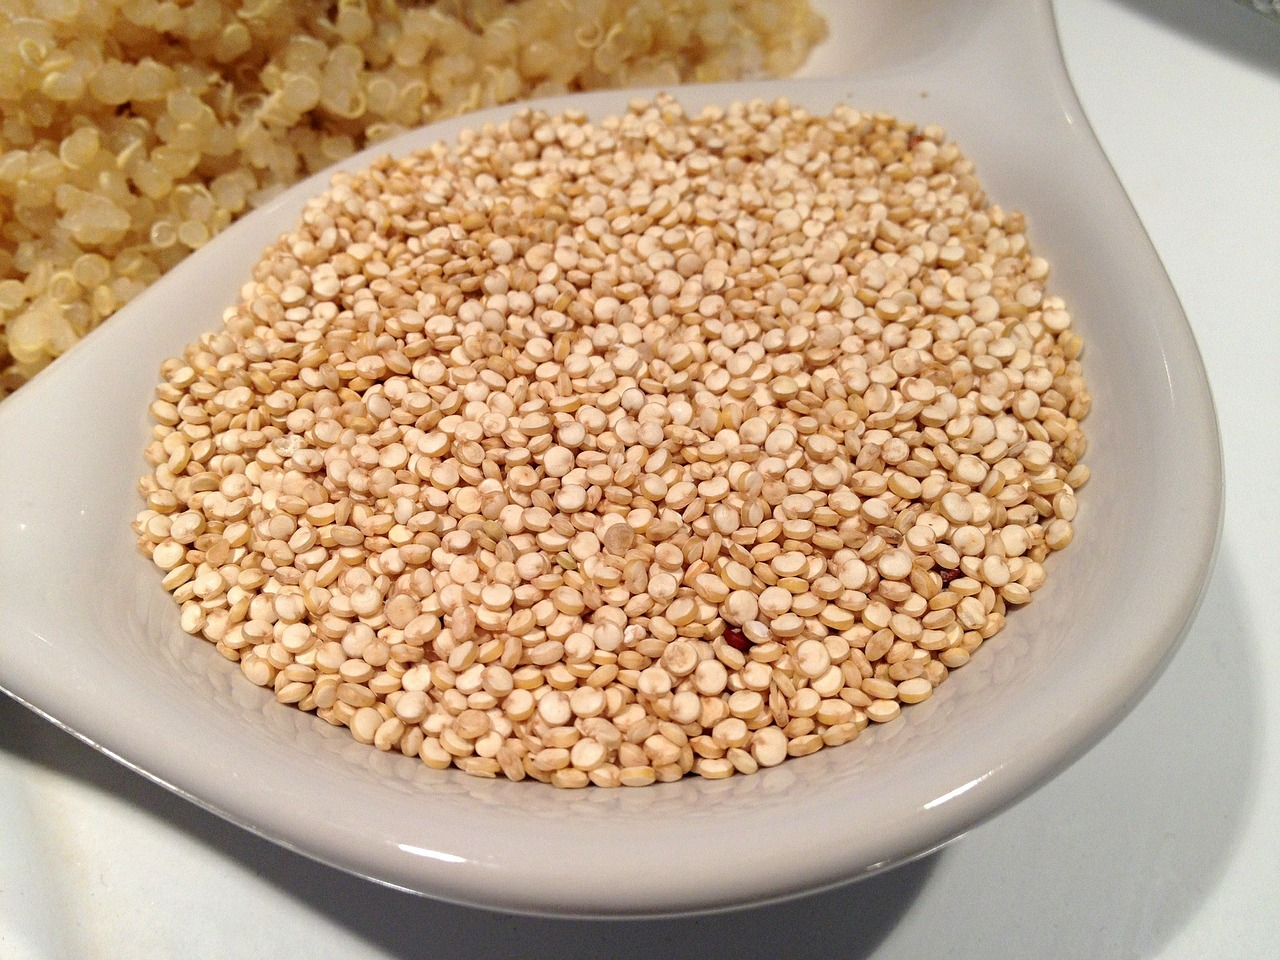 Eigentlich gar kein Getreide – Quinoa zählt, wie auch der Amaranth auch, zum sogenannten Pseudegetreide. Fotocredit: © NatureFriend/Pixabay